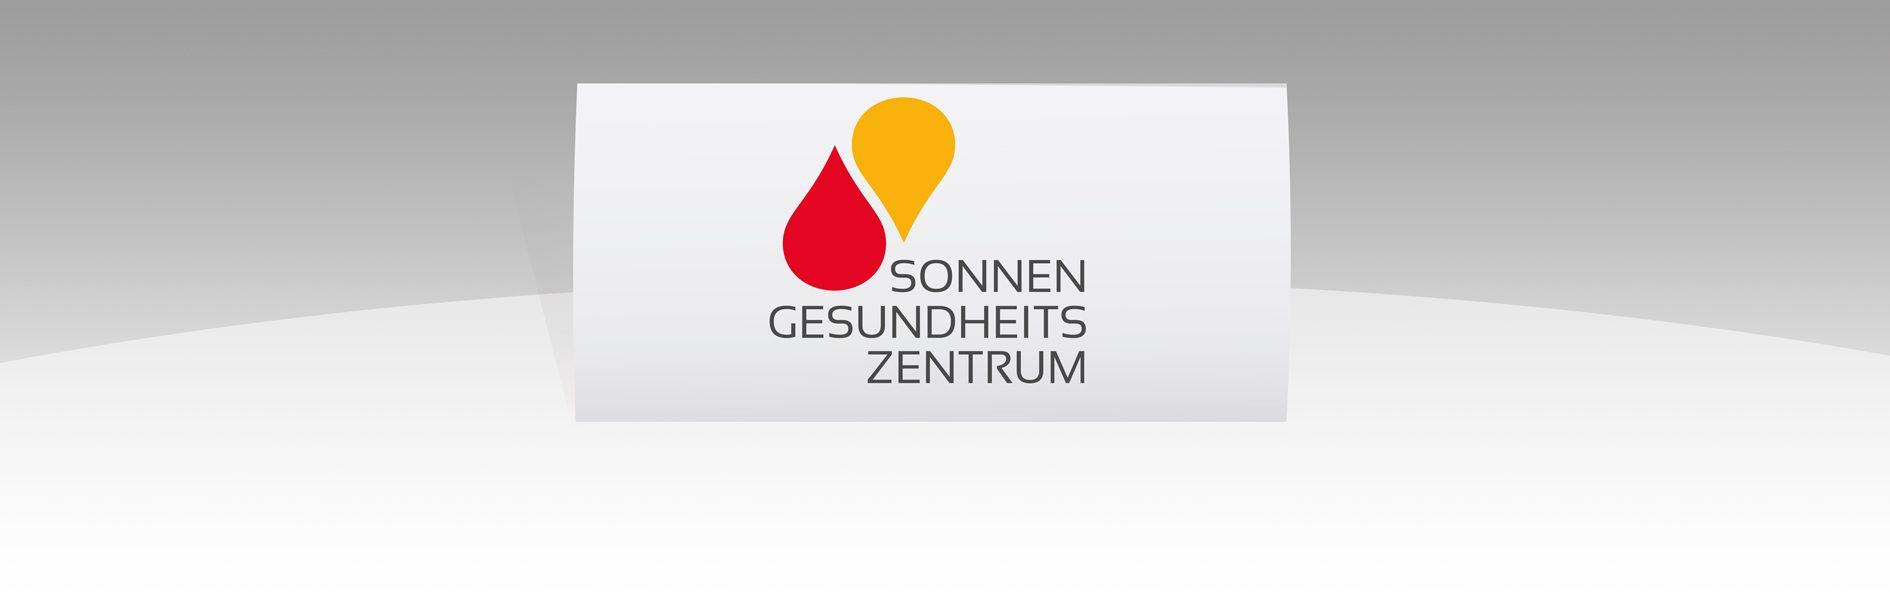 Hier ist das Logo von Sonnen-Gesundheitszentrum abgebildet.